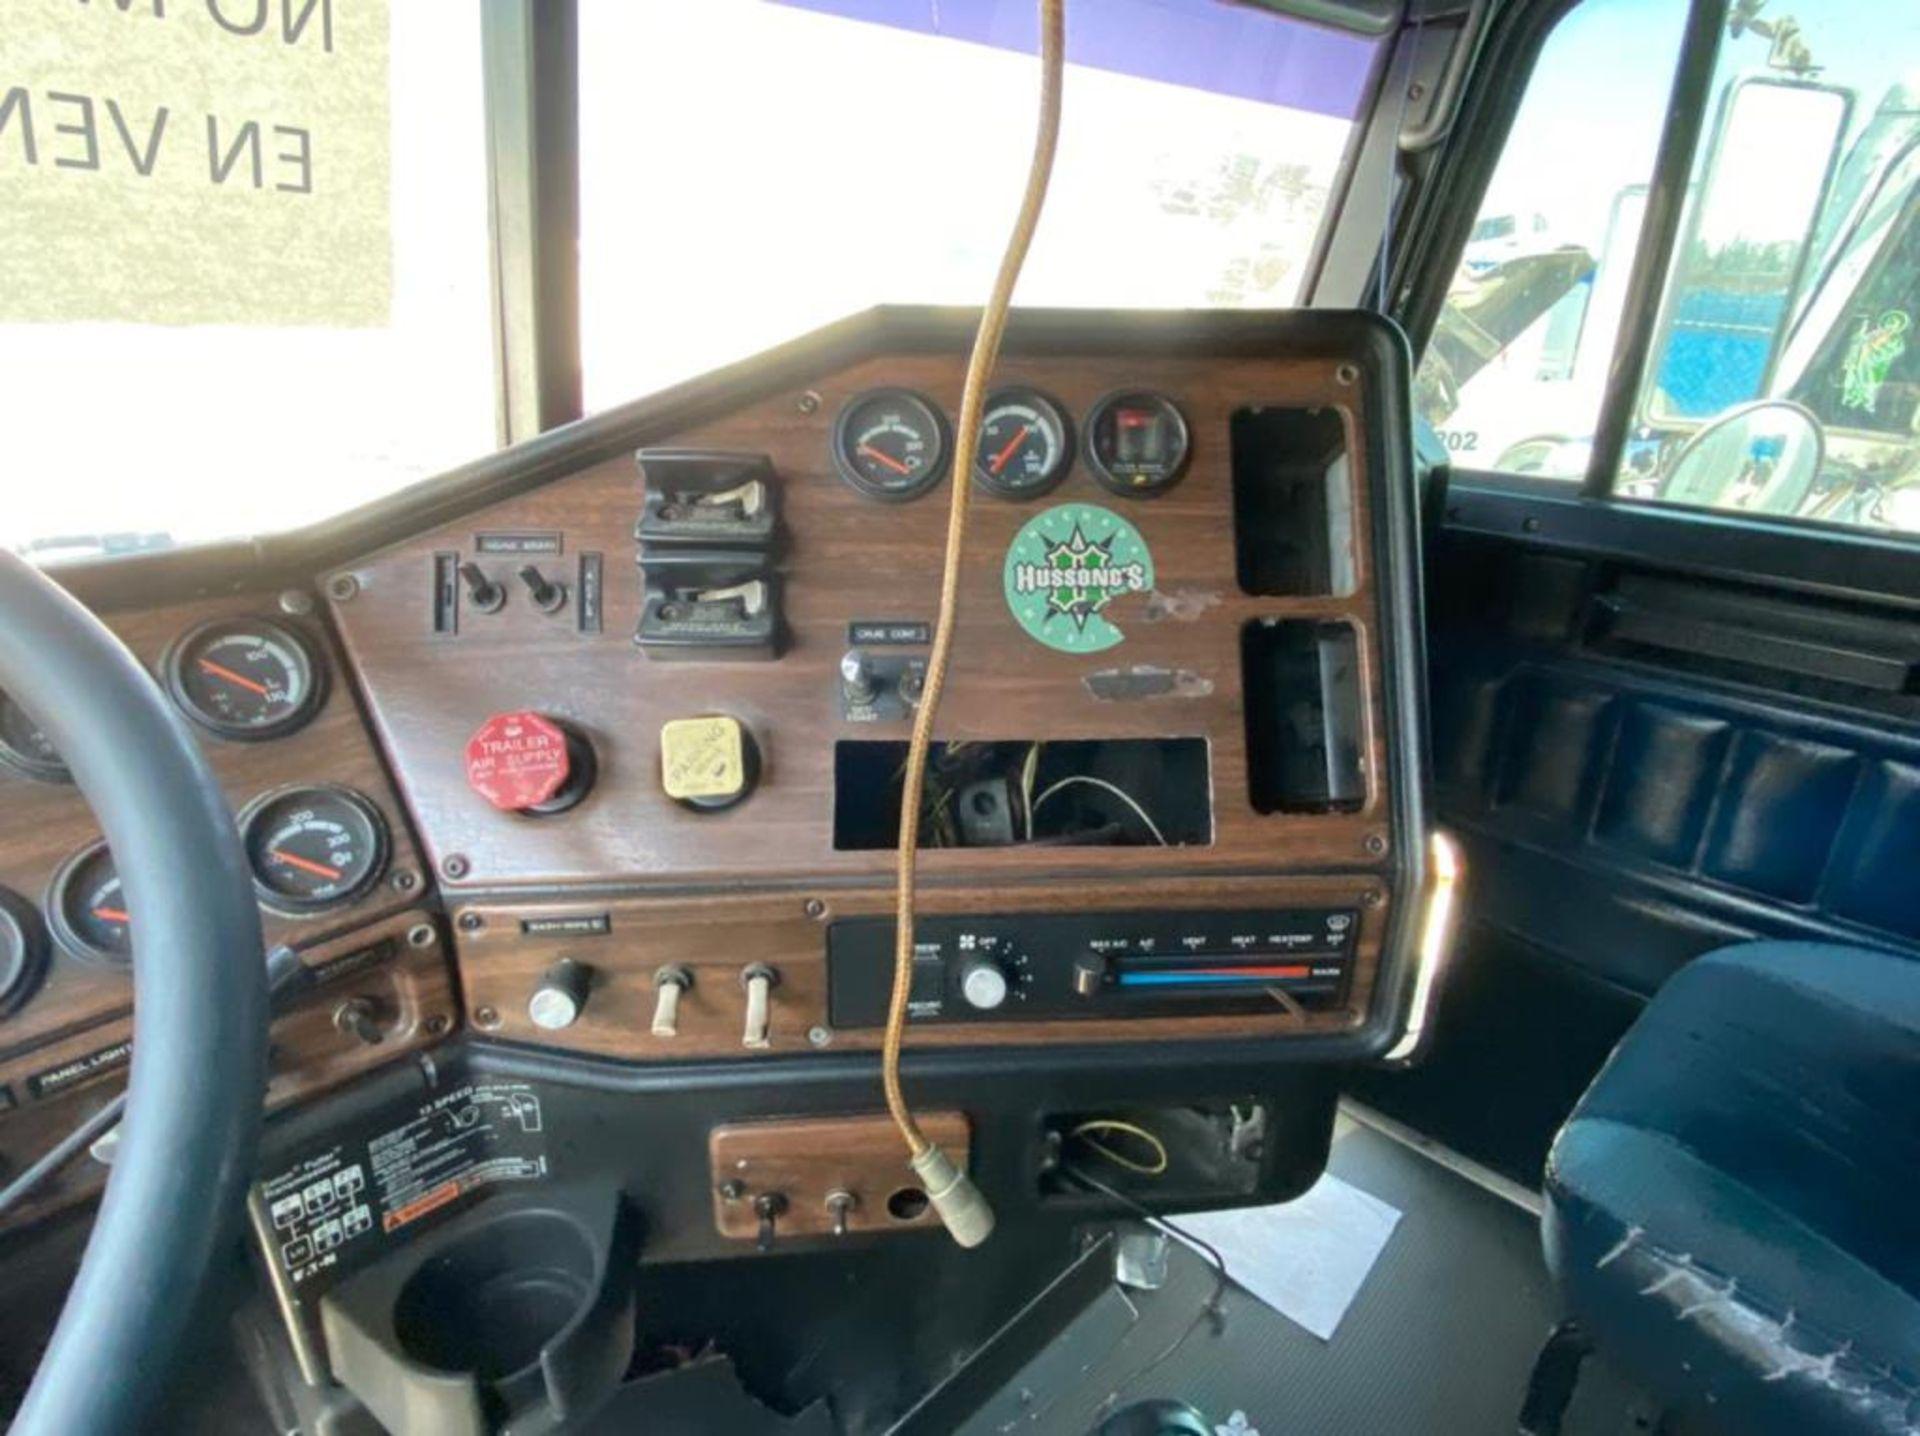 Tractocamión Marca FREIGHTLINER FLD-120, Modelo 1999 - Image 22 of 28